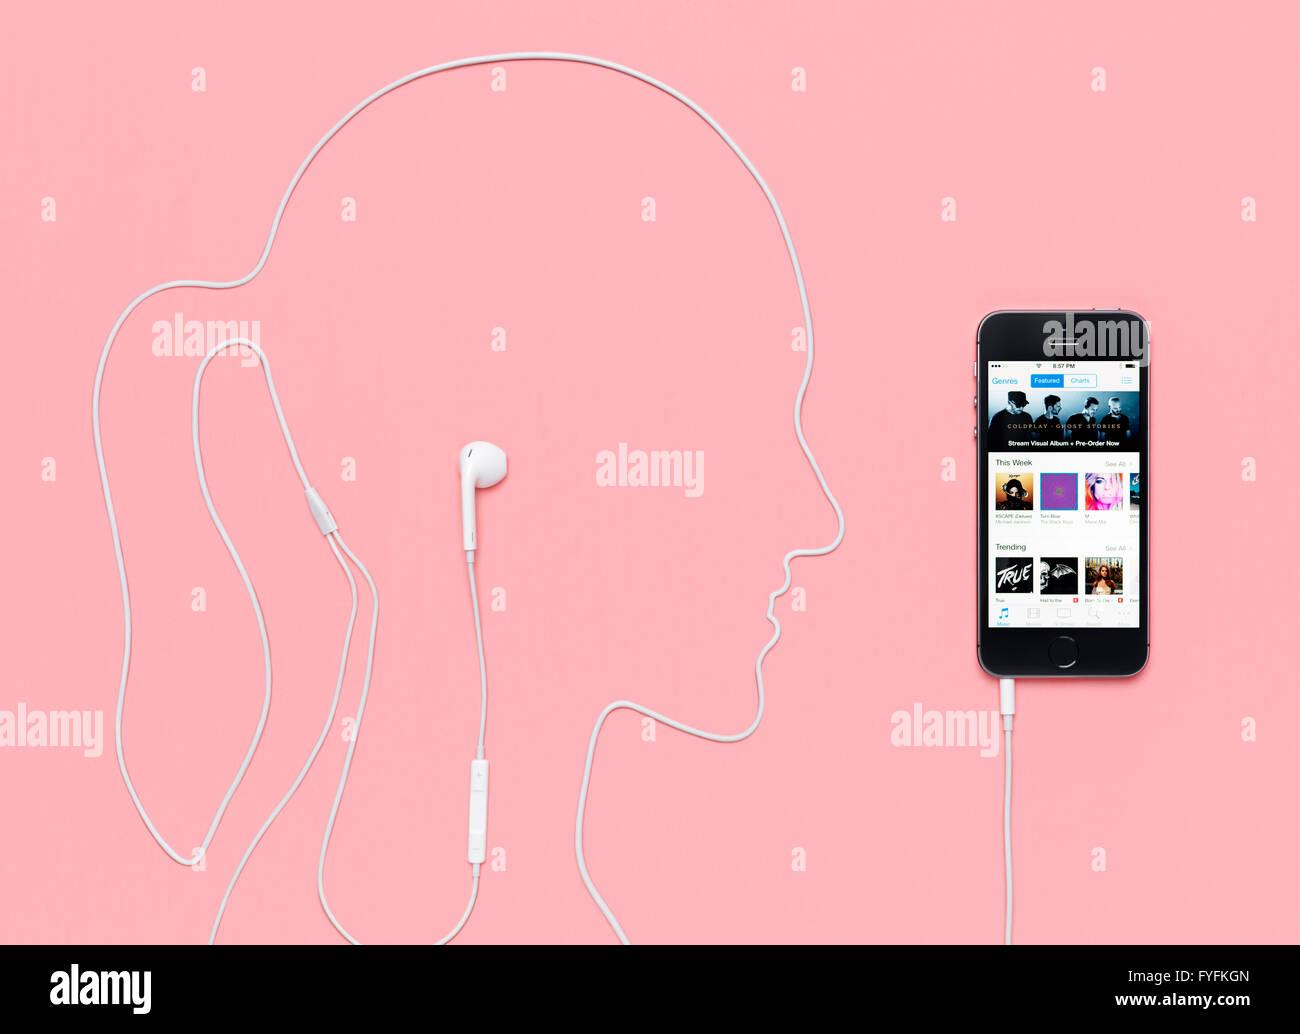 Câble du casque énoncés dans la forme de la tête d'une femme branchée sur un iPhone Photo Stock